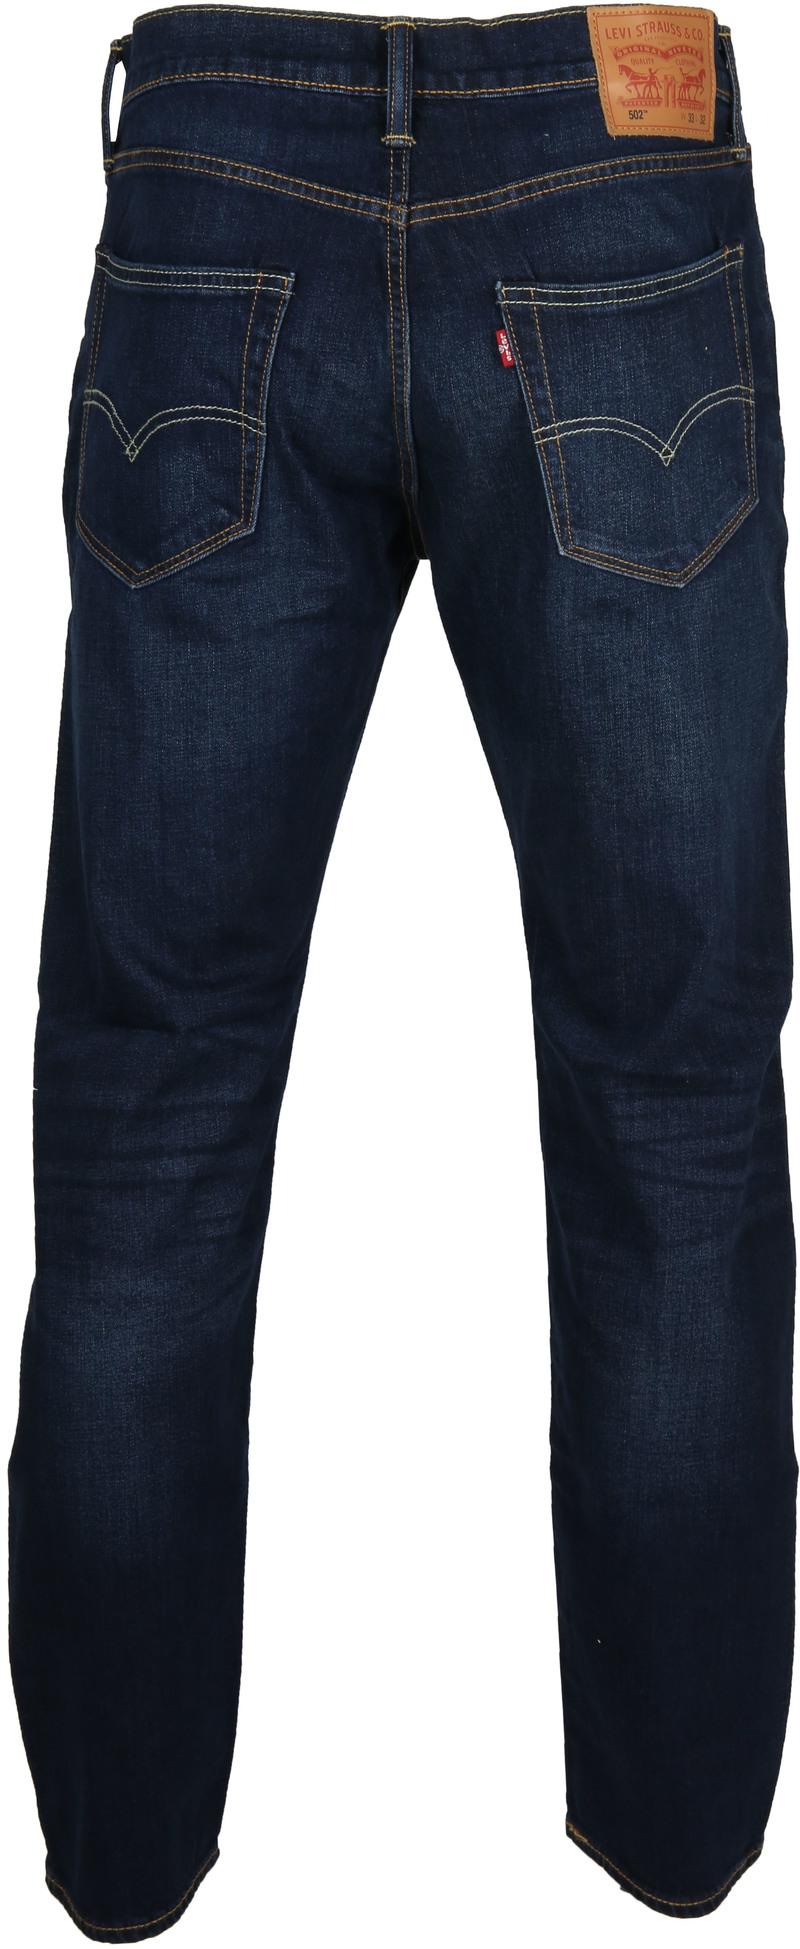 Levi's 502 Jeans City Park Dark Blue 0011 foto 5